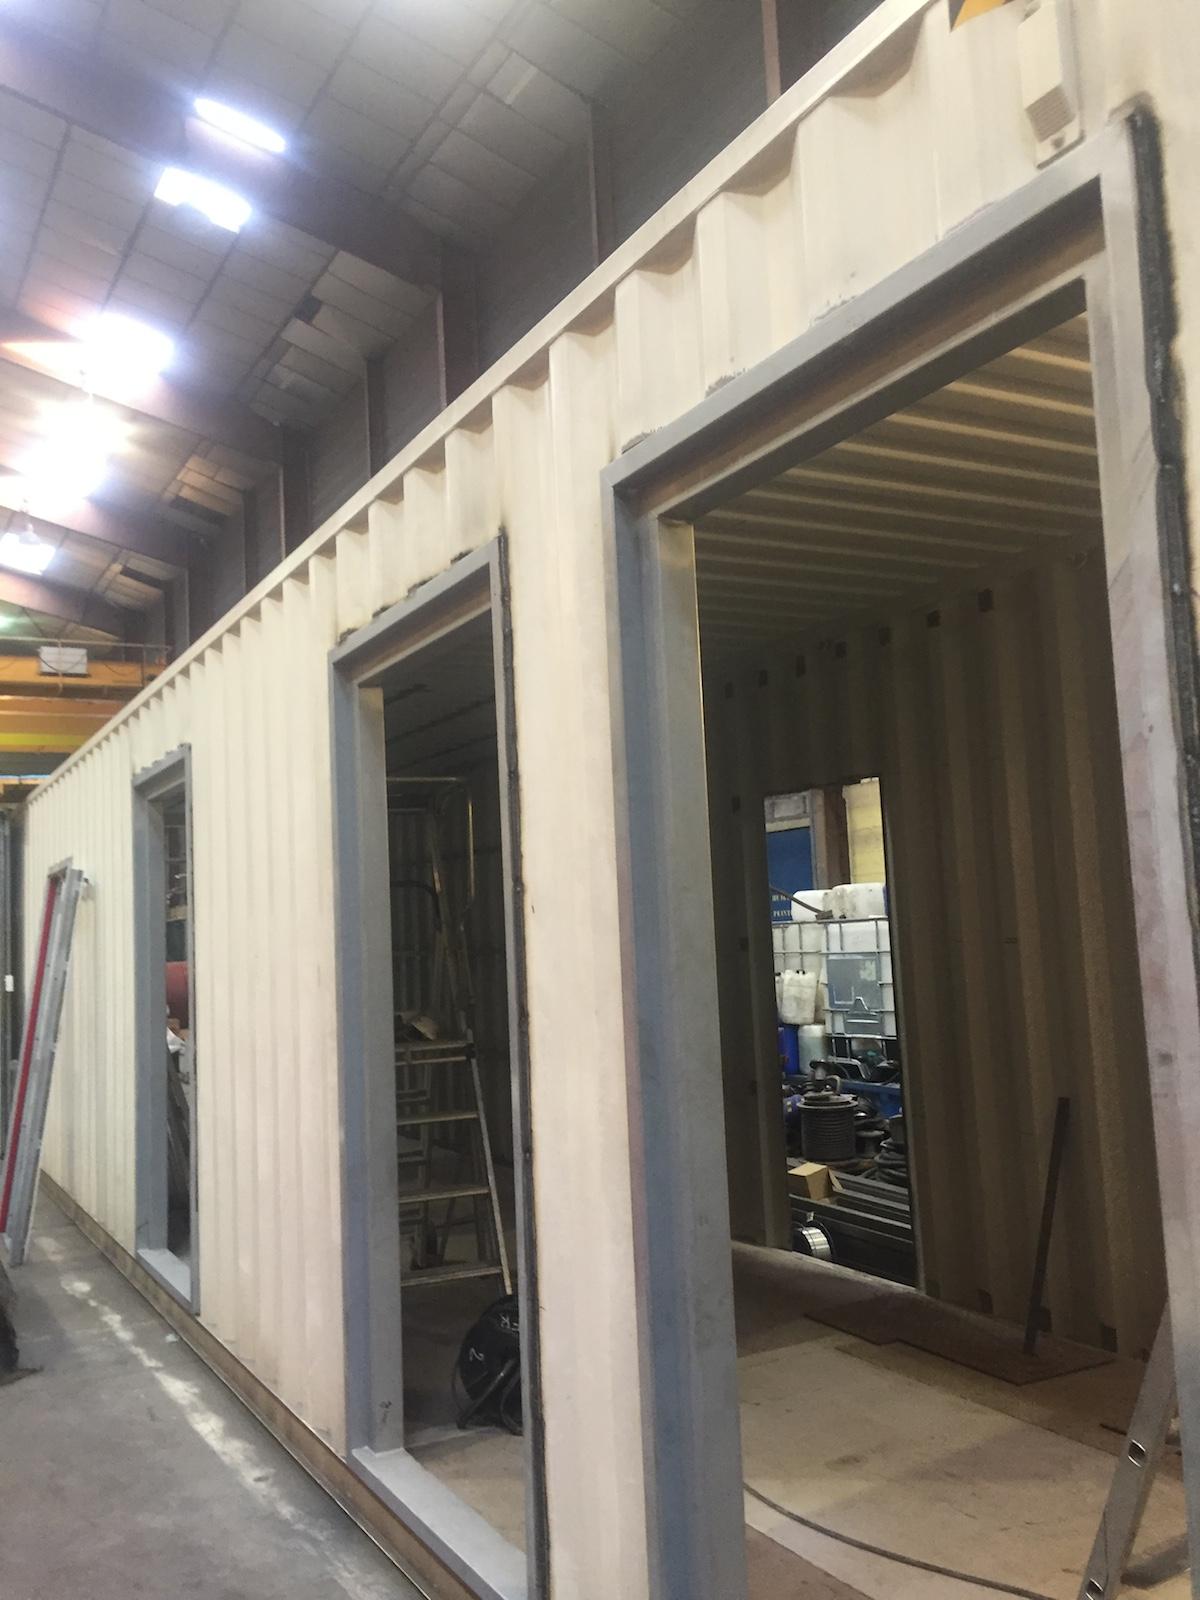 fabrication et installation d un container groupe lectrog ne sp cial pour un centre hospitalier. Black Bedroom Furniture Sets. Home Design Ideas